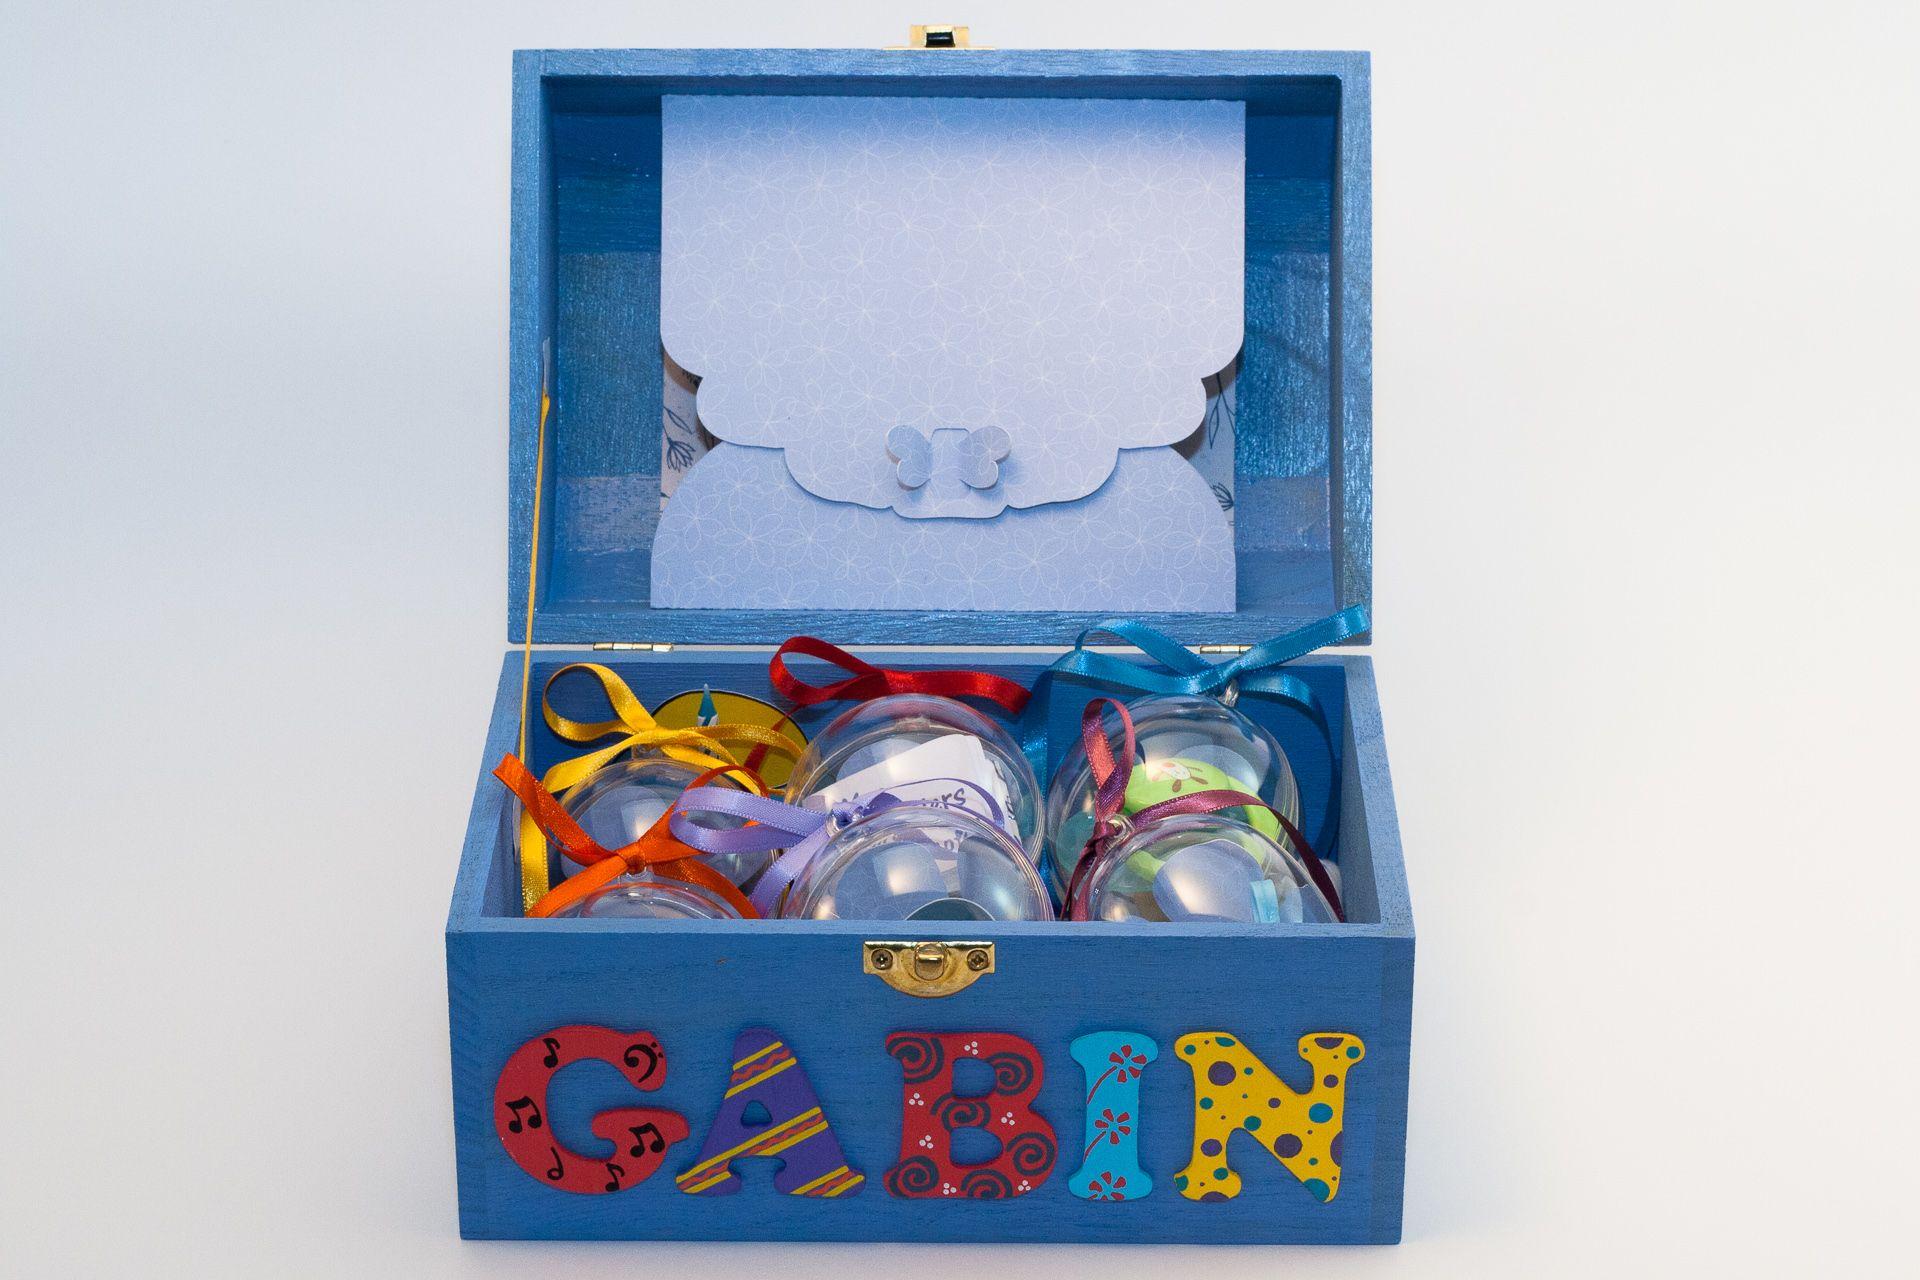 Coffret bleu ciel, prénom décoré Gabin, intérieur avec pochette cupcake, pochette dans le couvercle et boules